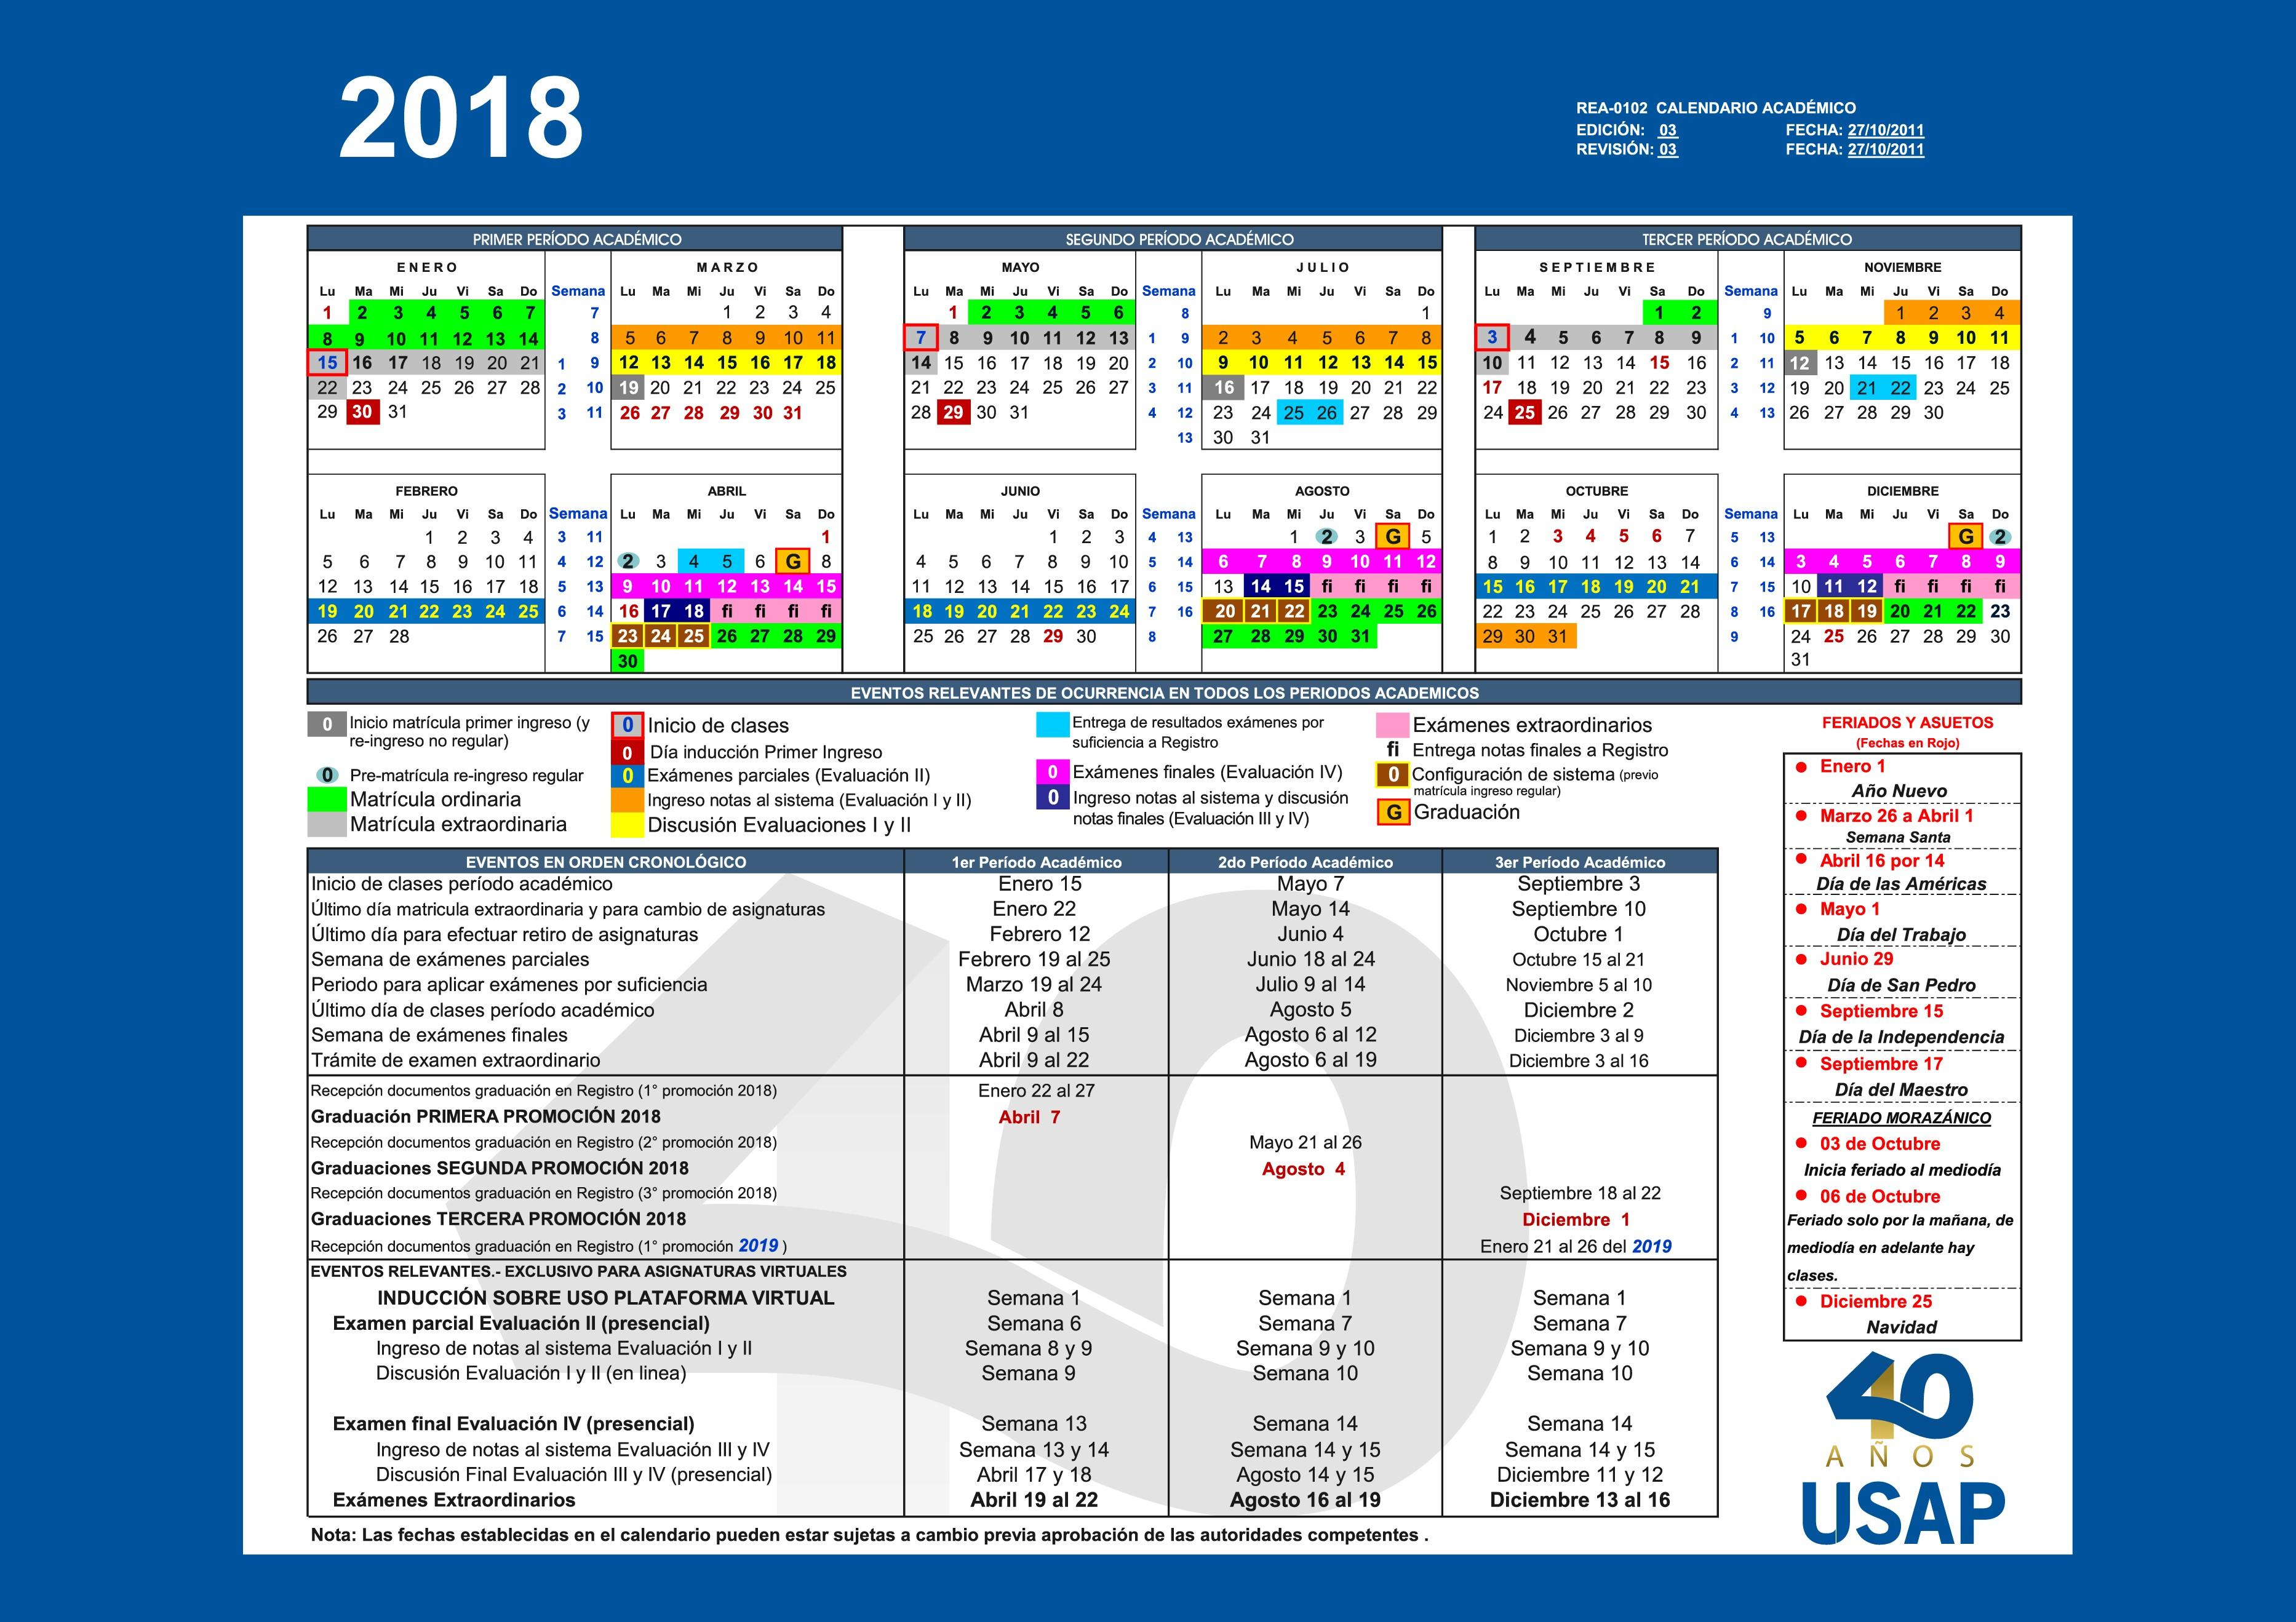 Calendario De Feriados 2017 Para Imprimir Más Actual Calendario Octubre 2018 Colombia T Of Calendario De Feriados 2017 Para Imprimir Mejores Y Más Novedosos Annays Pinto Pérez Anna On Pinterest